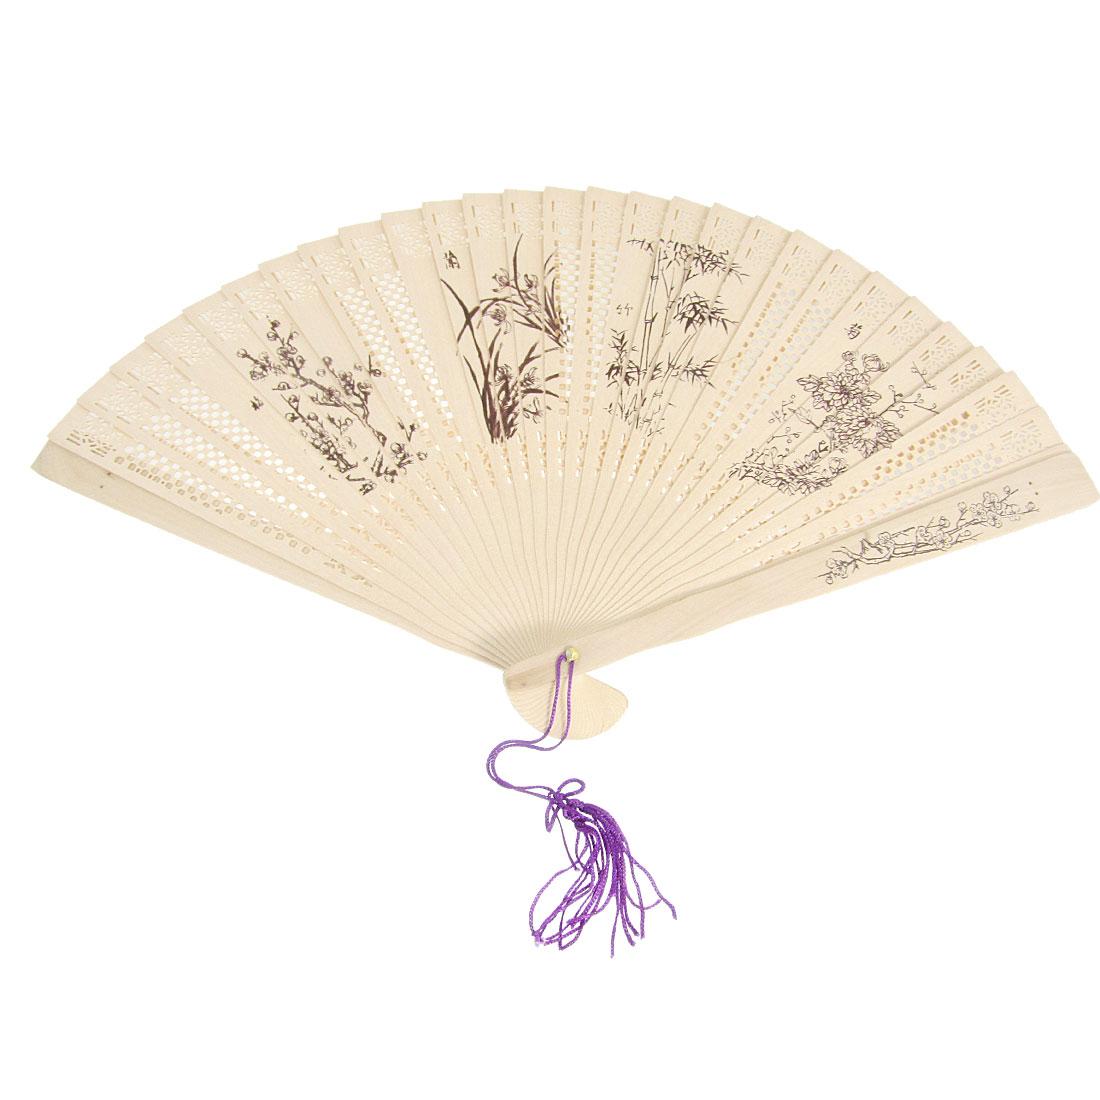 Craft Plants Print Wooden Carved Folding Hand Fan w Tassel